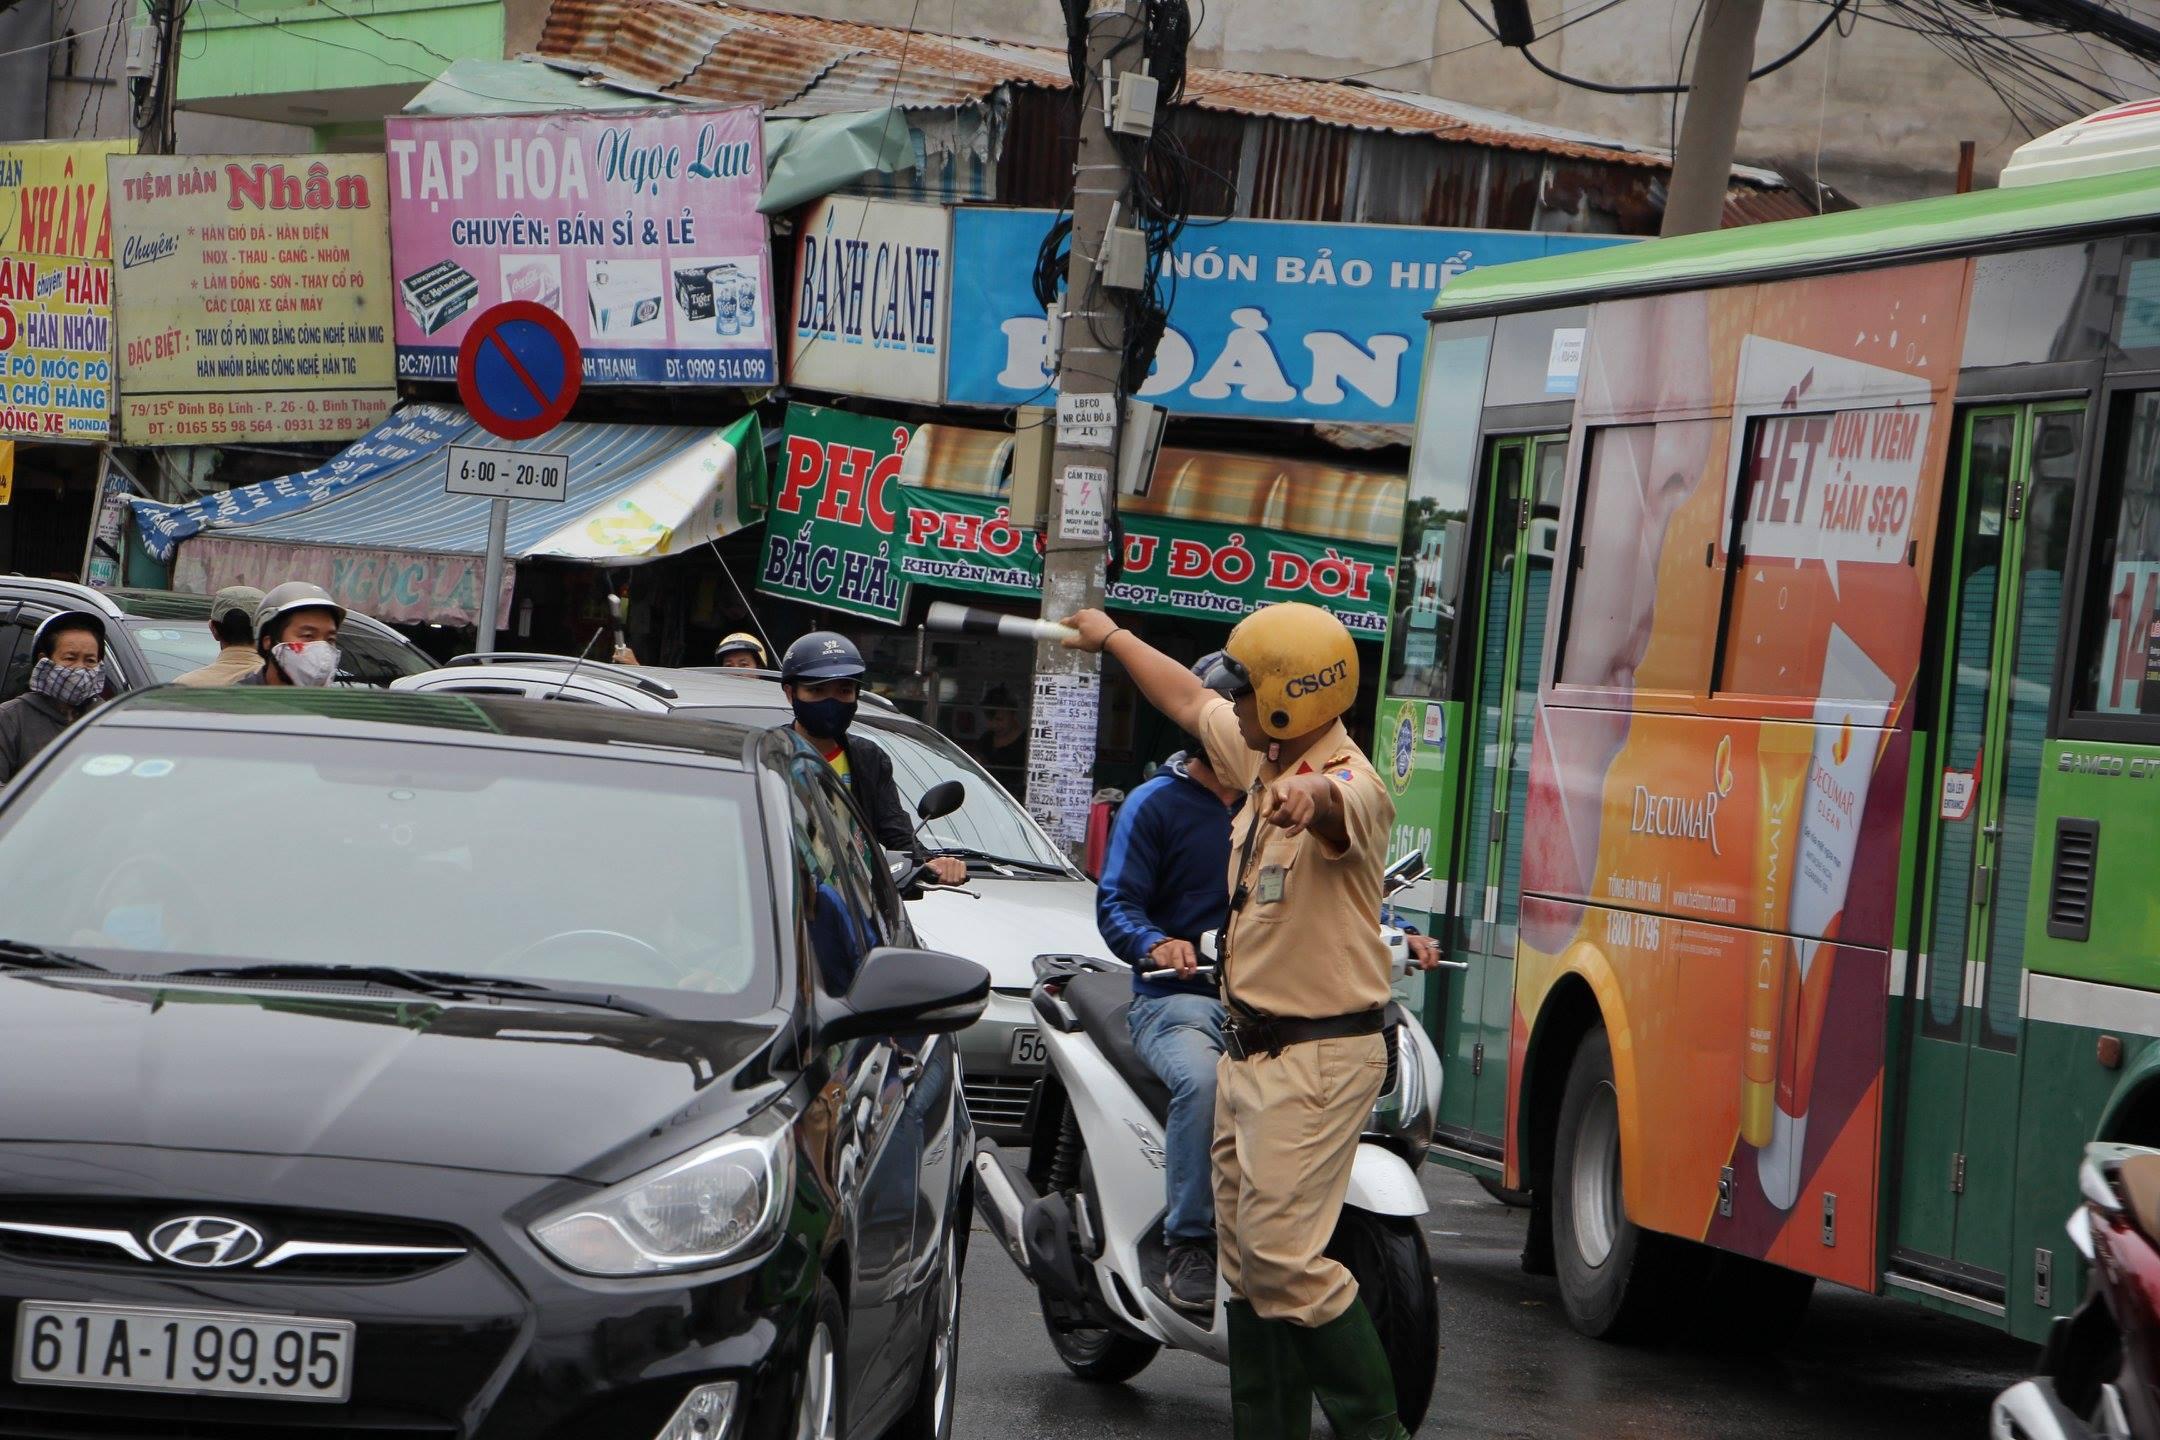 TPHCM ngập, giao thông ùn ứ sau cơn mưa kéo dài do ảnh hưởng bão số 9 ảnh 33